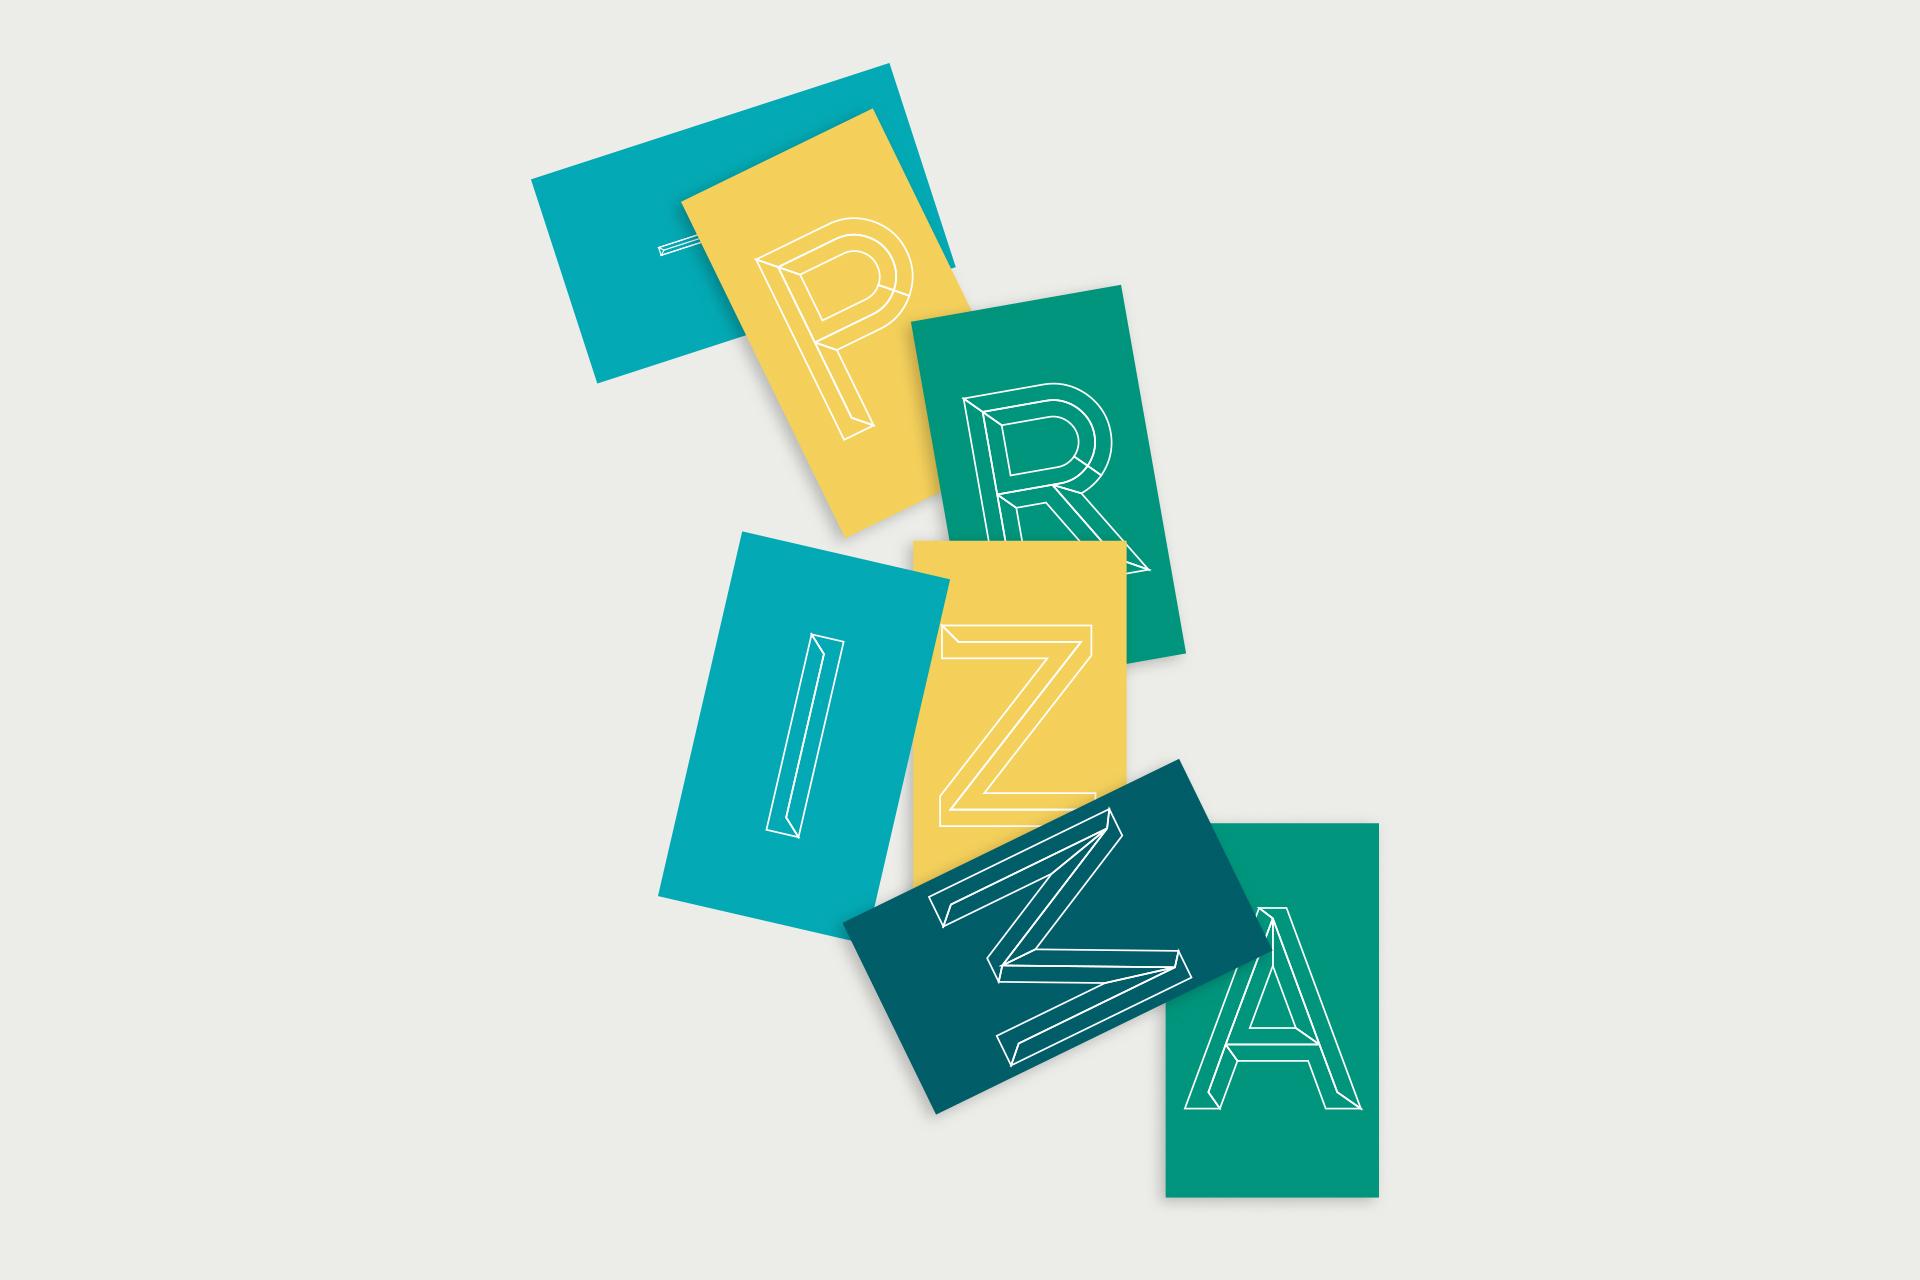 5_Prizma_Cards